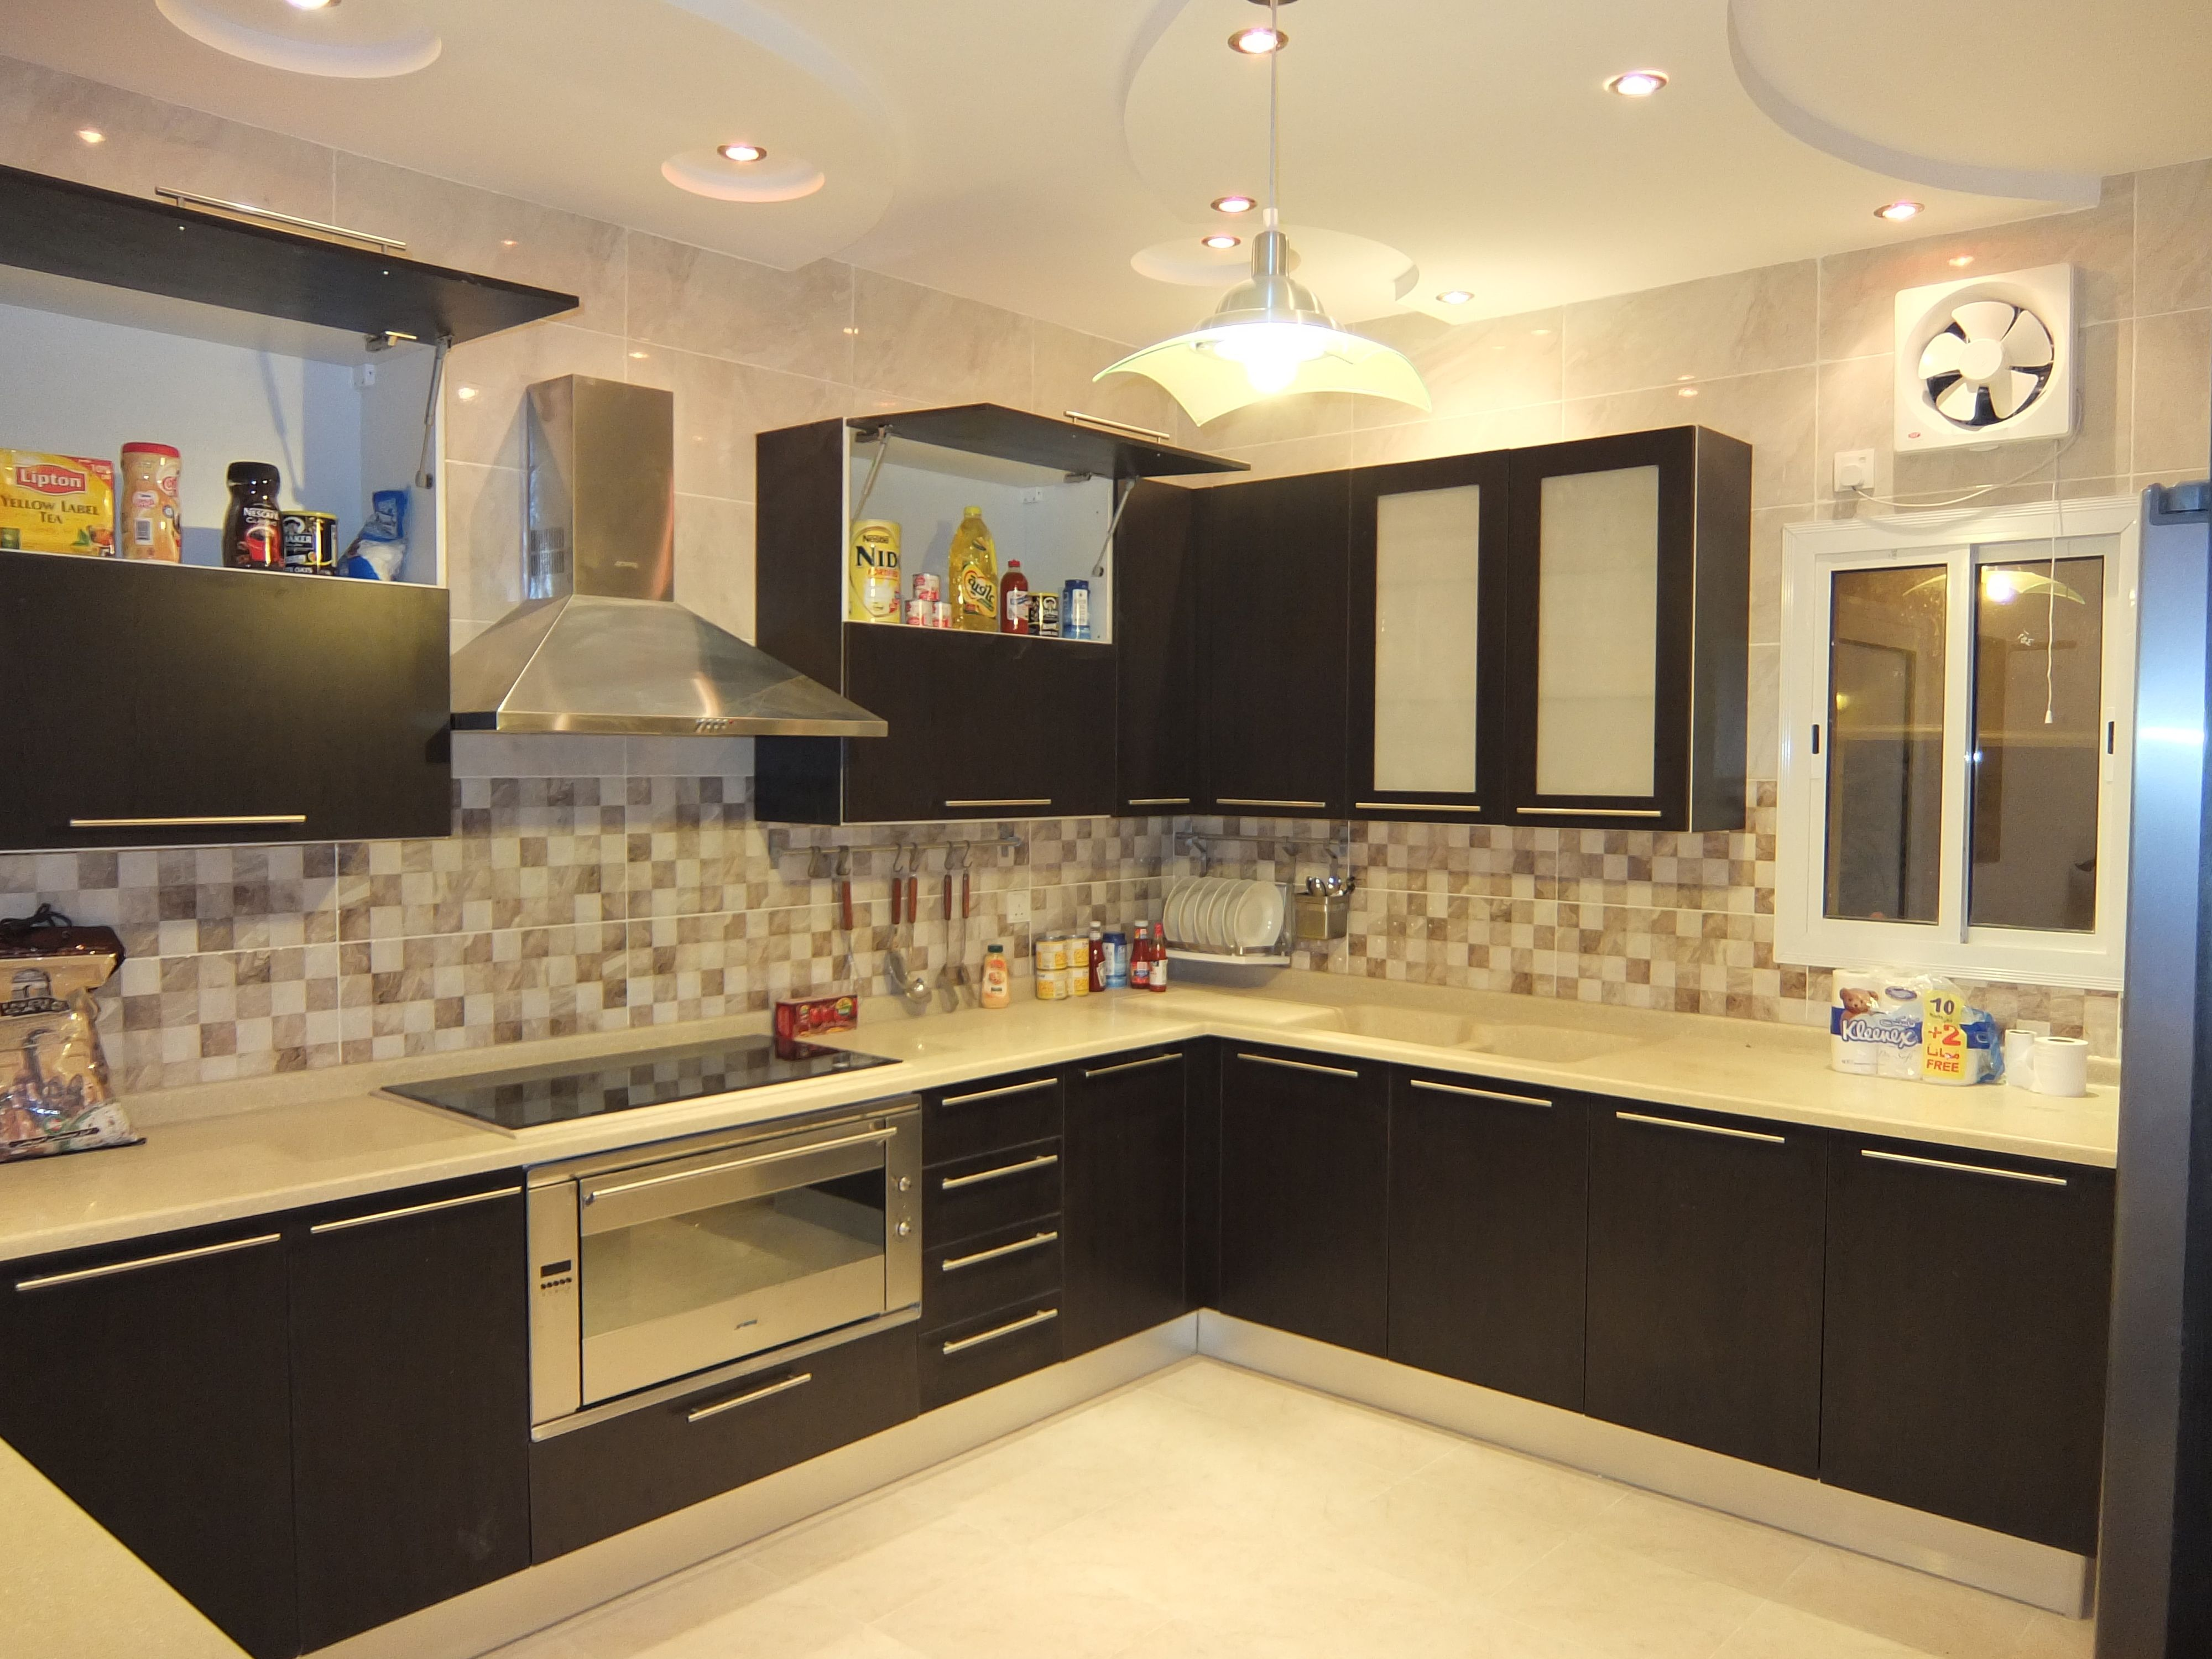 فلل ديار المنار 7 كنوز المتميزة kitchen cabinets kitchen home decor on kitchen interior korean id=55372